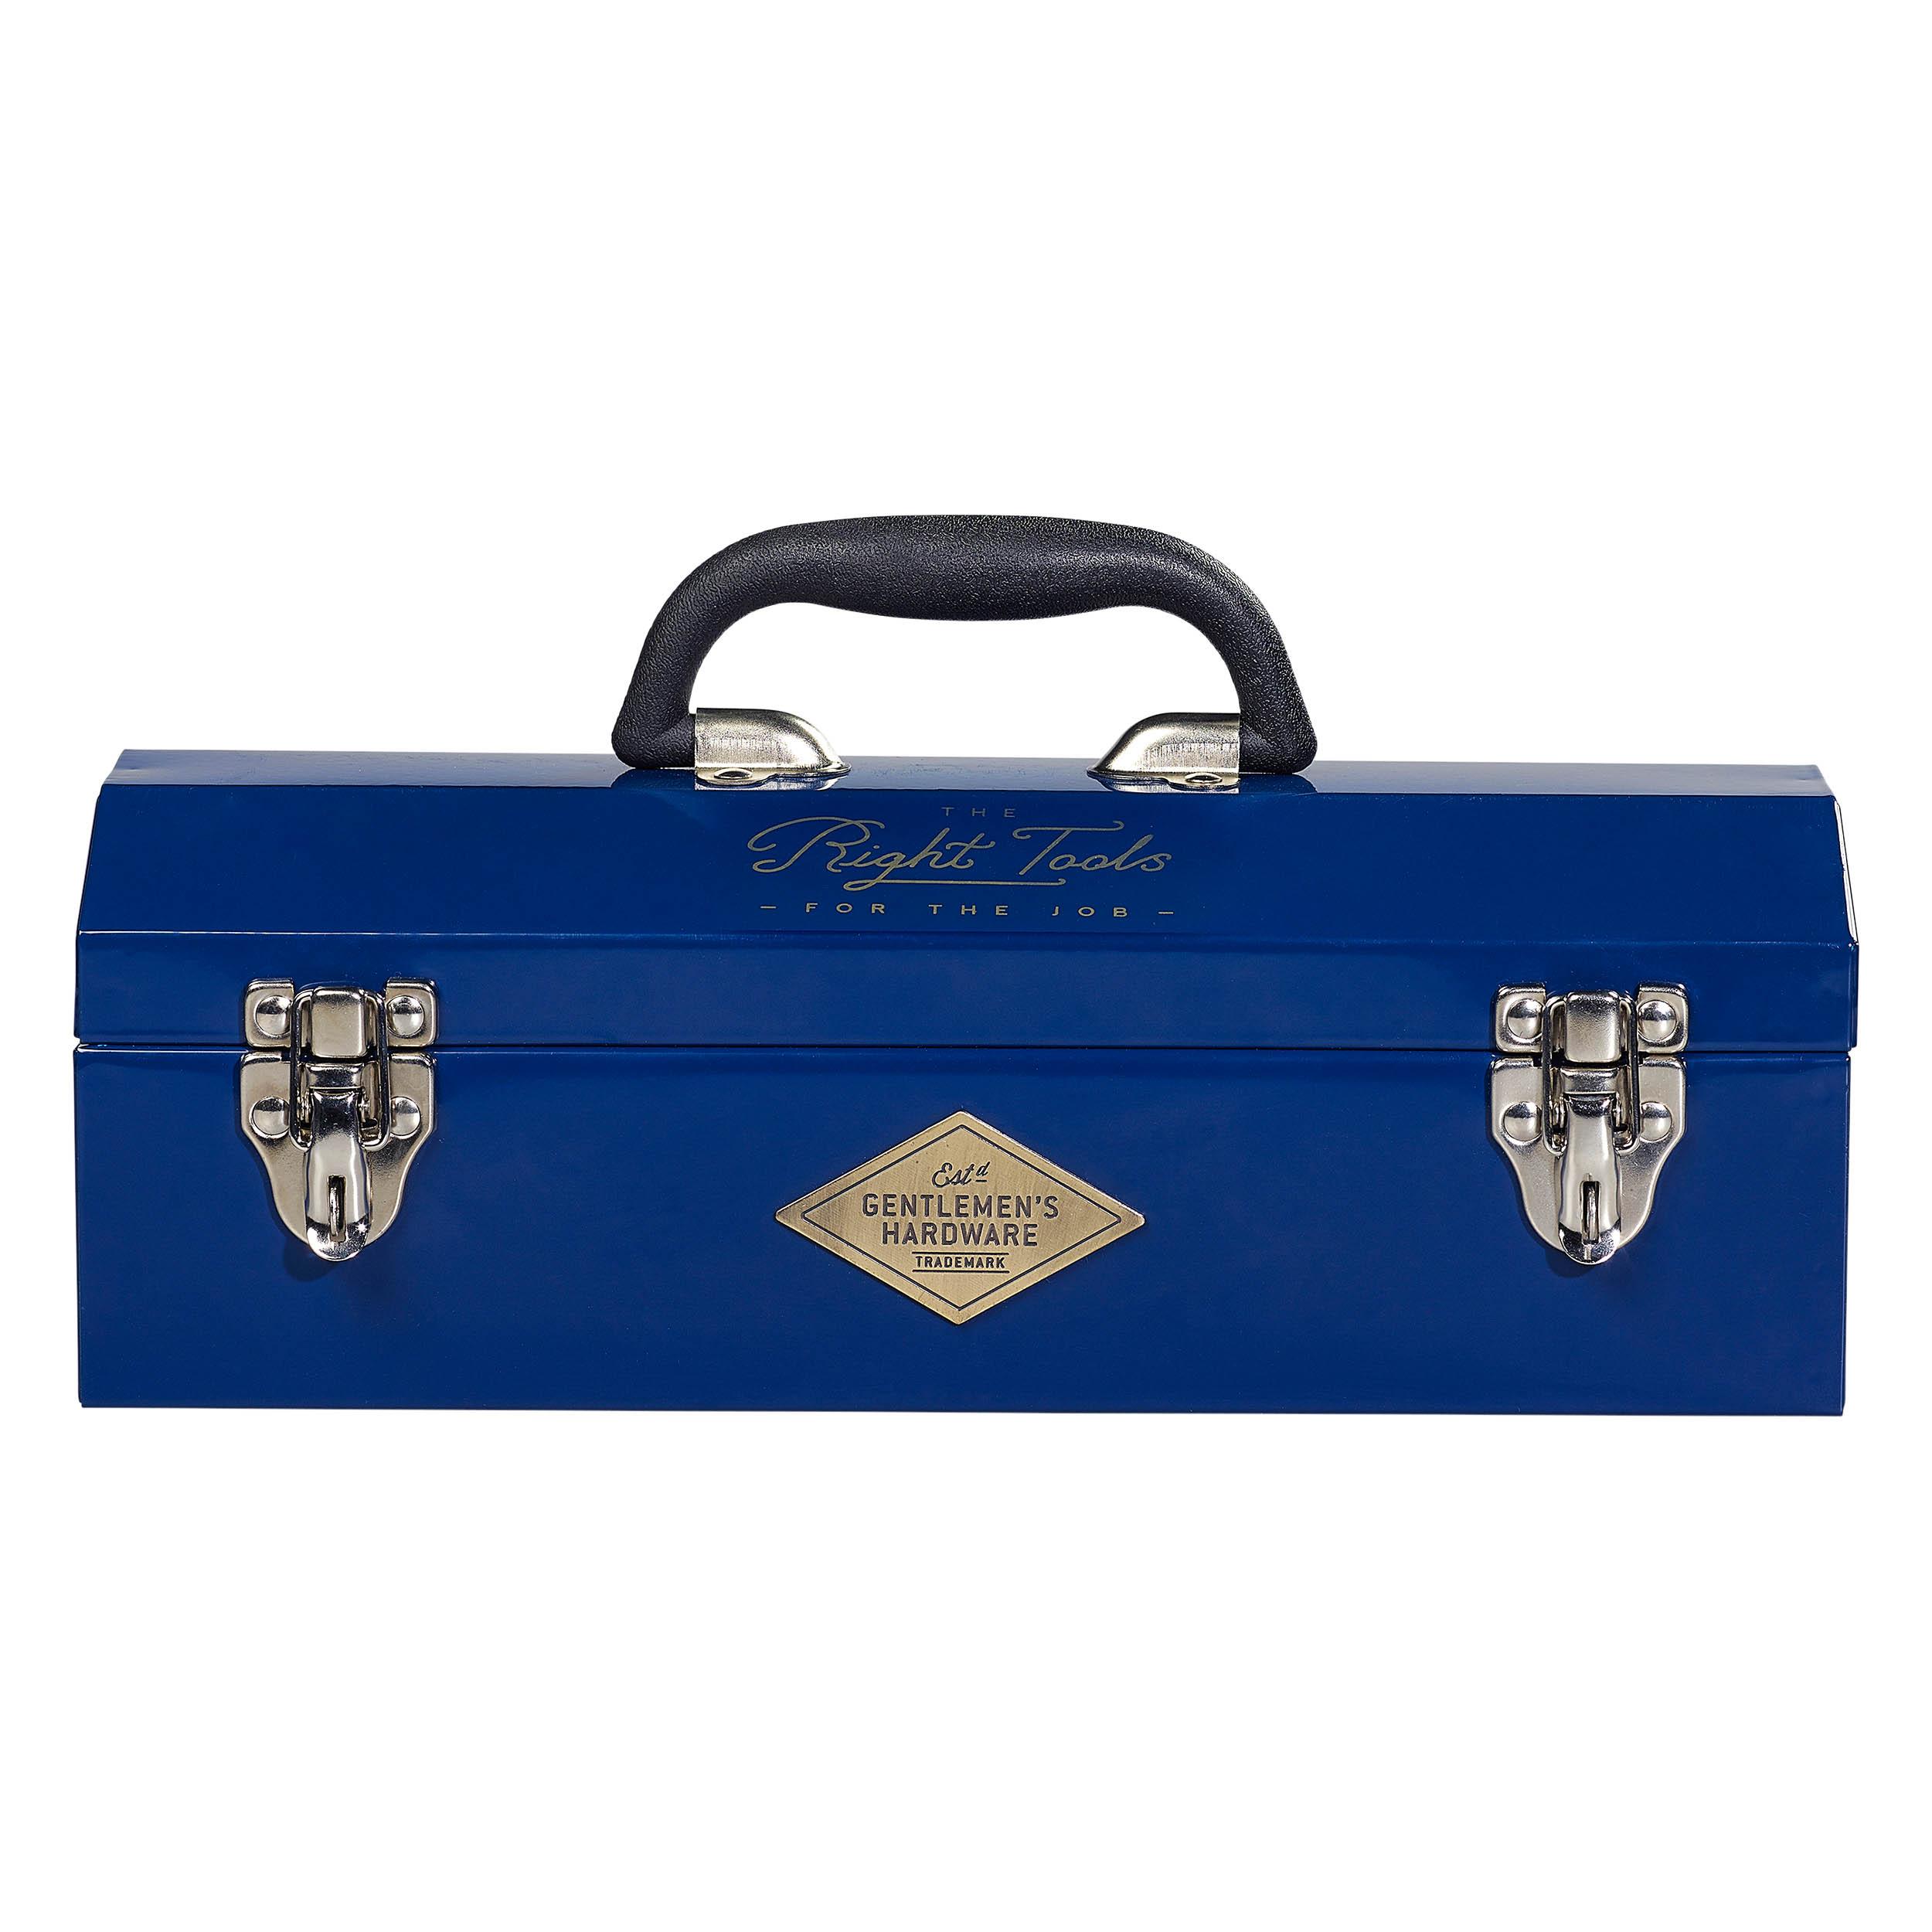 retro werkzeugkiste metall gentlemen 39 s hardware blau. Black Bedroom Furniture Sets. Home Design Ideas